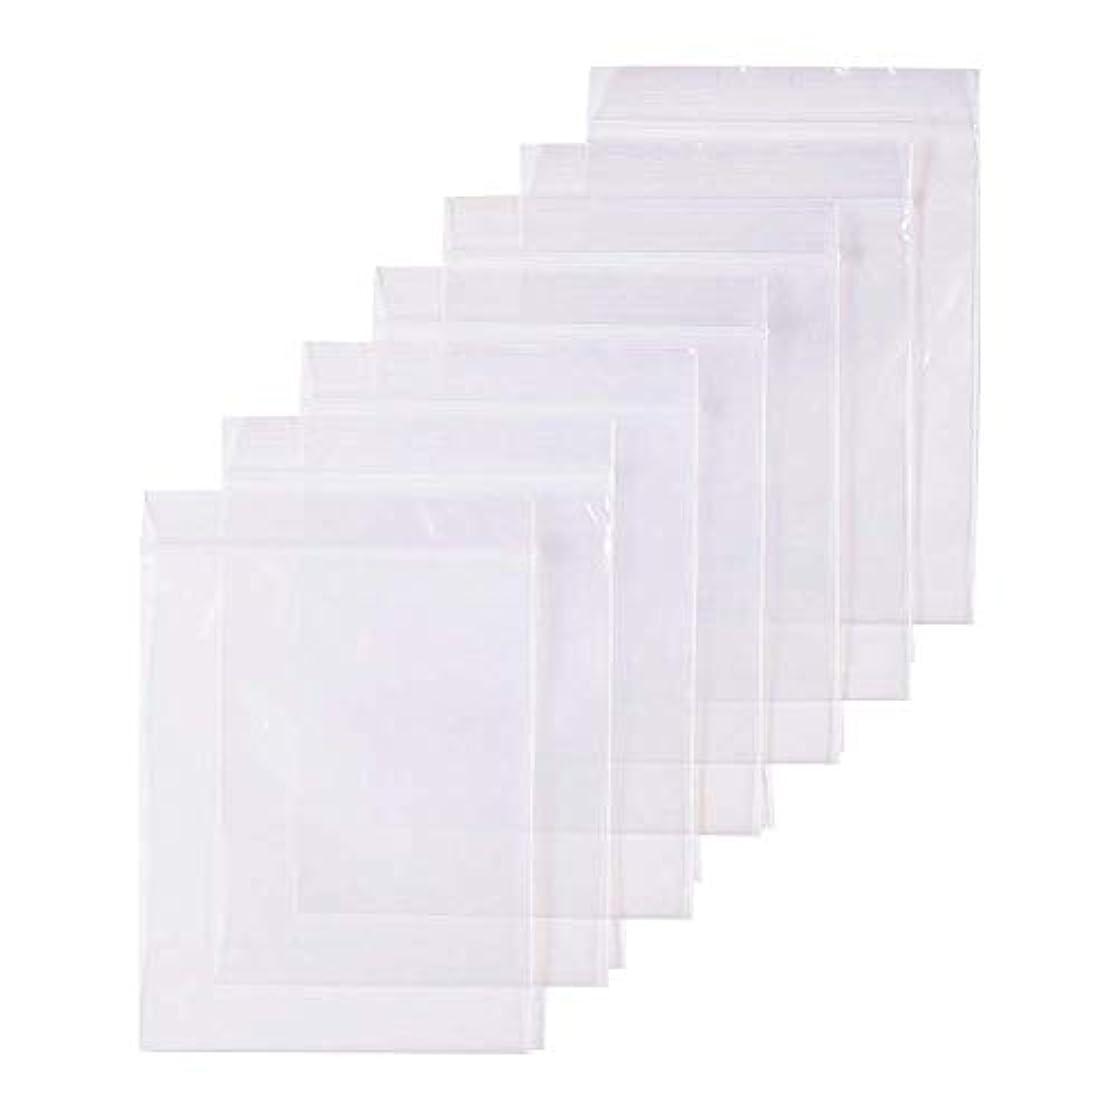 ブラウザミンチネット300枚 セット透明 リサイクル可能プラスチック袋チャック付ポリ袋 密封保存袋